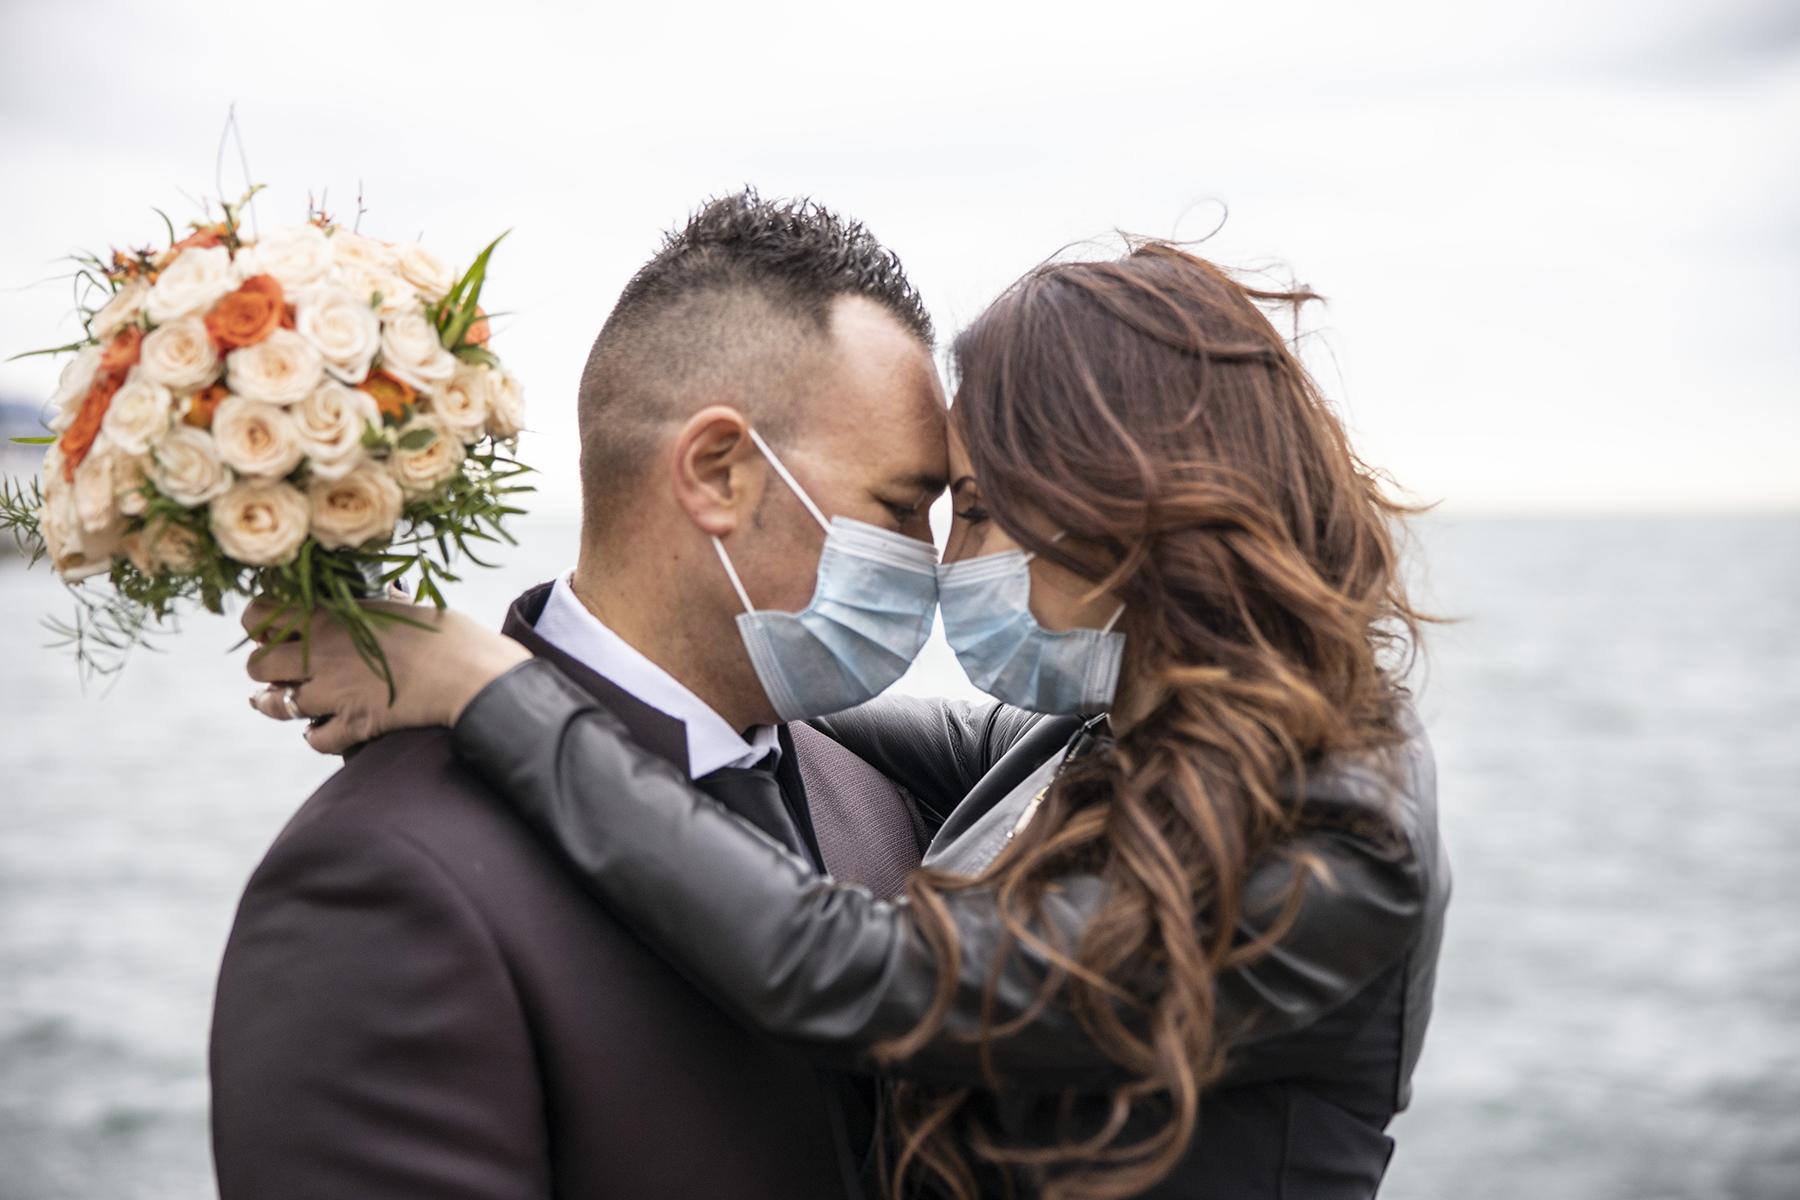 Portrait de couple La Spezia Elopement   La mariée et le marié s'embrassent et touchent leurs fronts ensemble, séparés uniquement par leurs masques faciaux